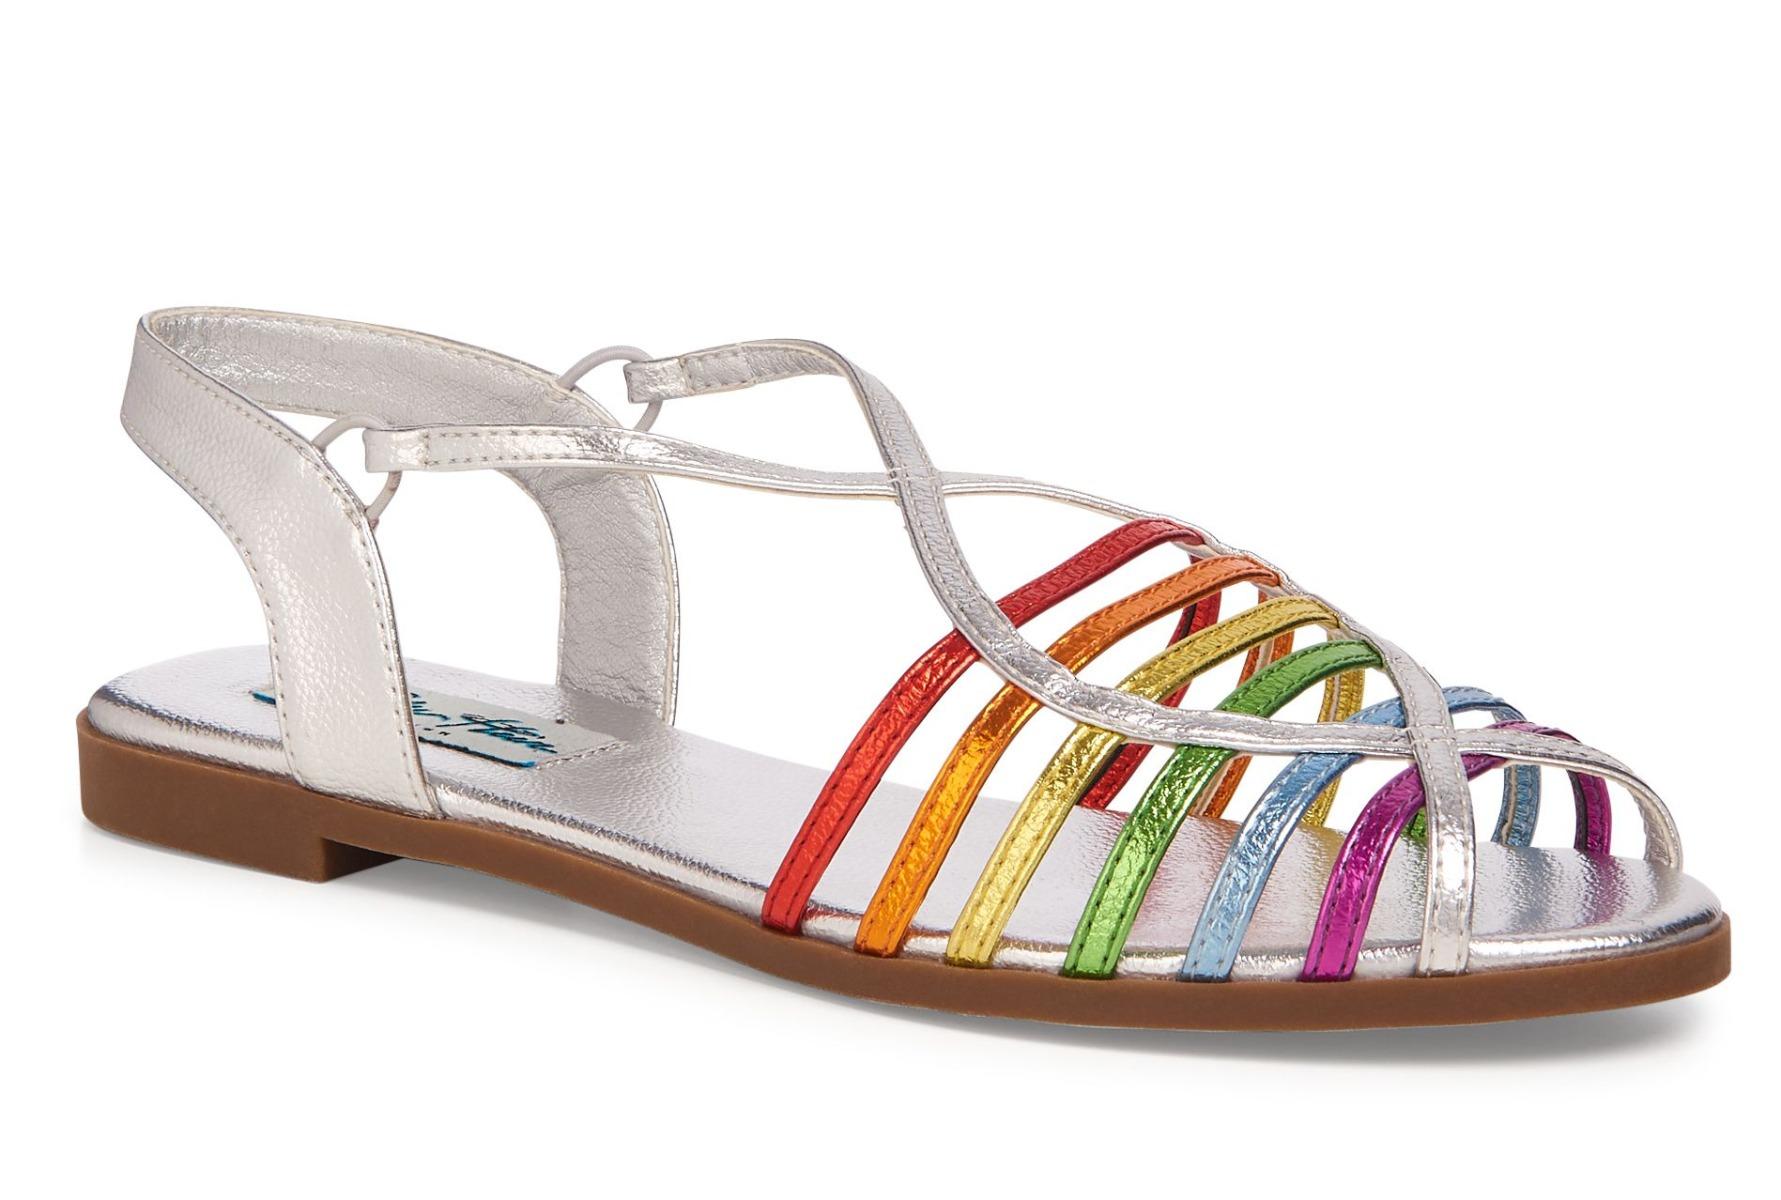 luirisra_chaussures_sandales_nu-pieds_pin-up_rockabilly_50s_iris_rainbow